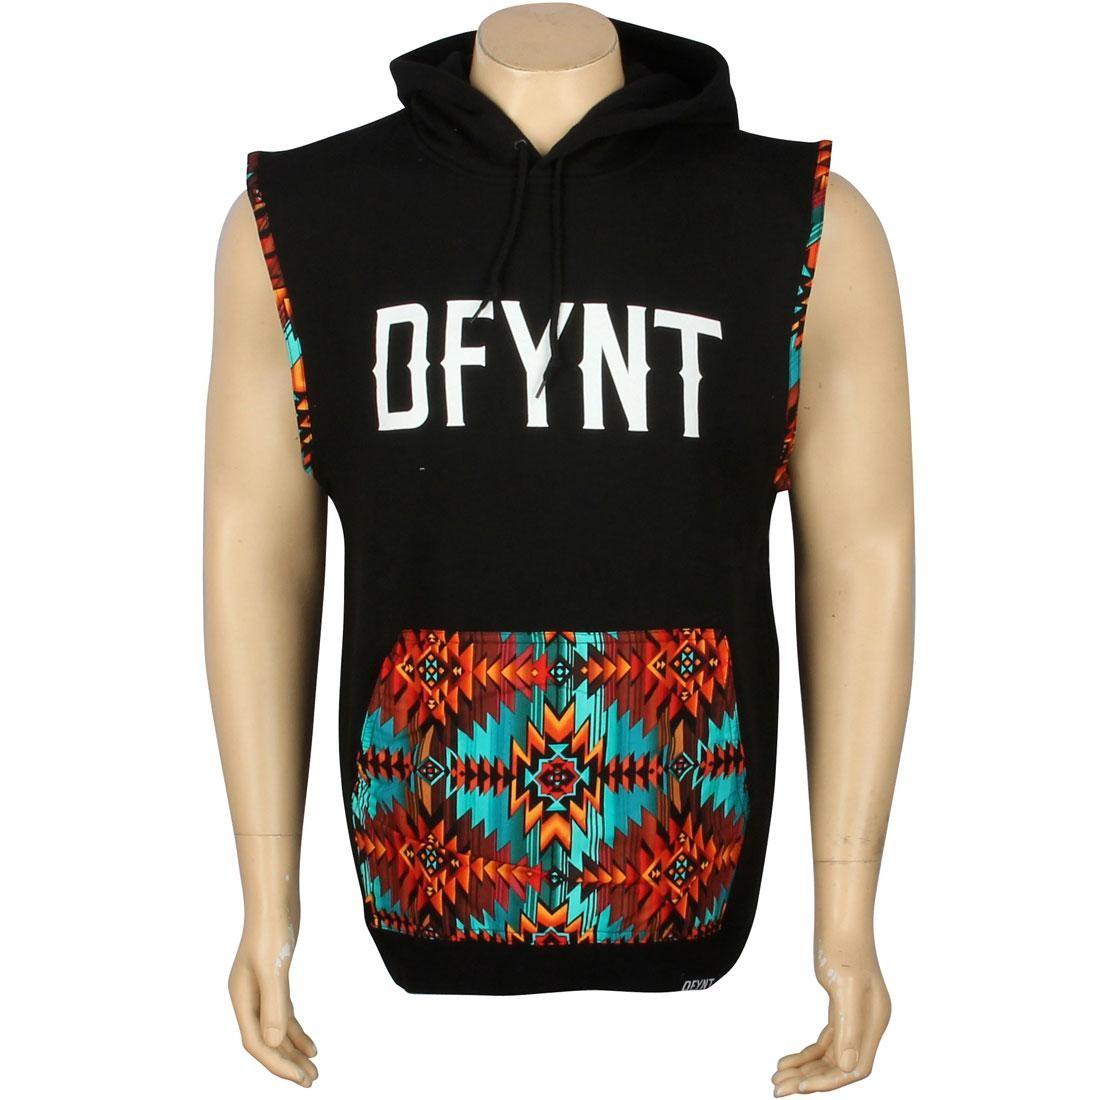 ベスト メンズファッション オーダーメイド ジレ メンズ 【 Defyant Aztec Hood Vest (black) 】 Black